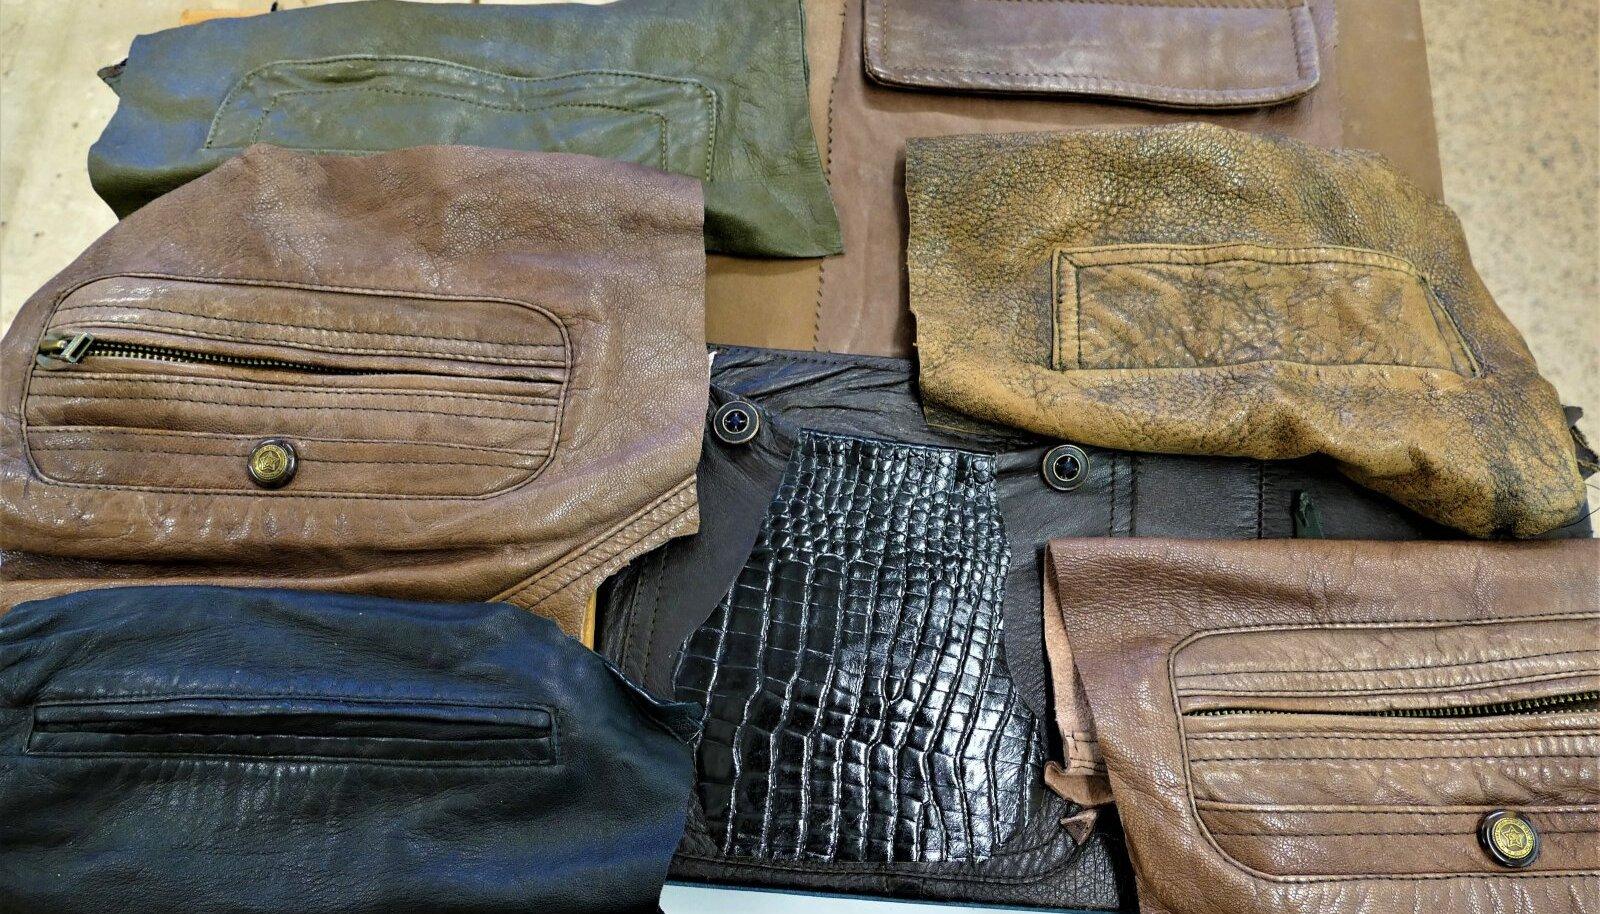 Erineva kuju ja suurusega taskud taaskasutusest.